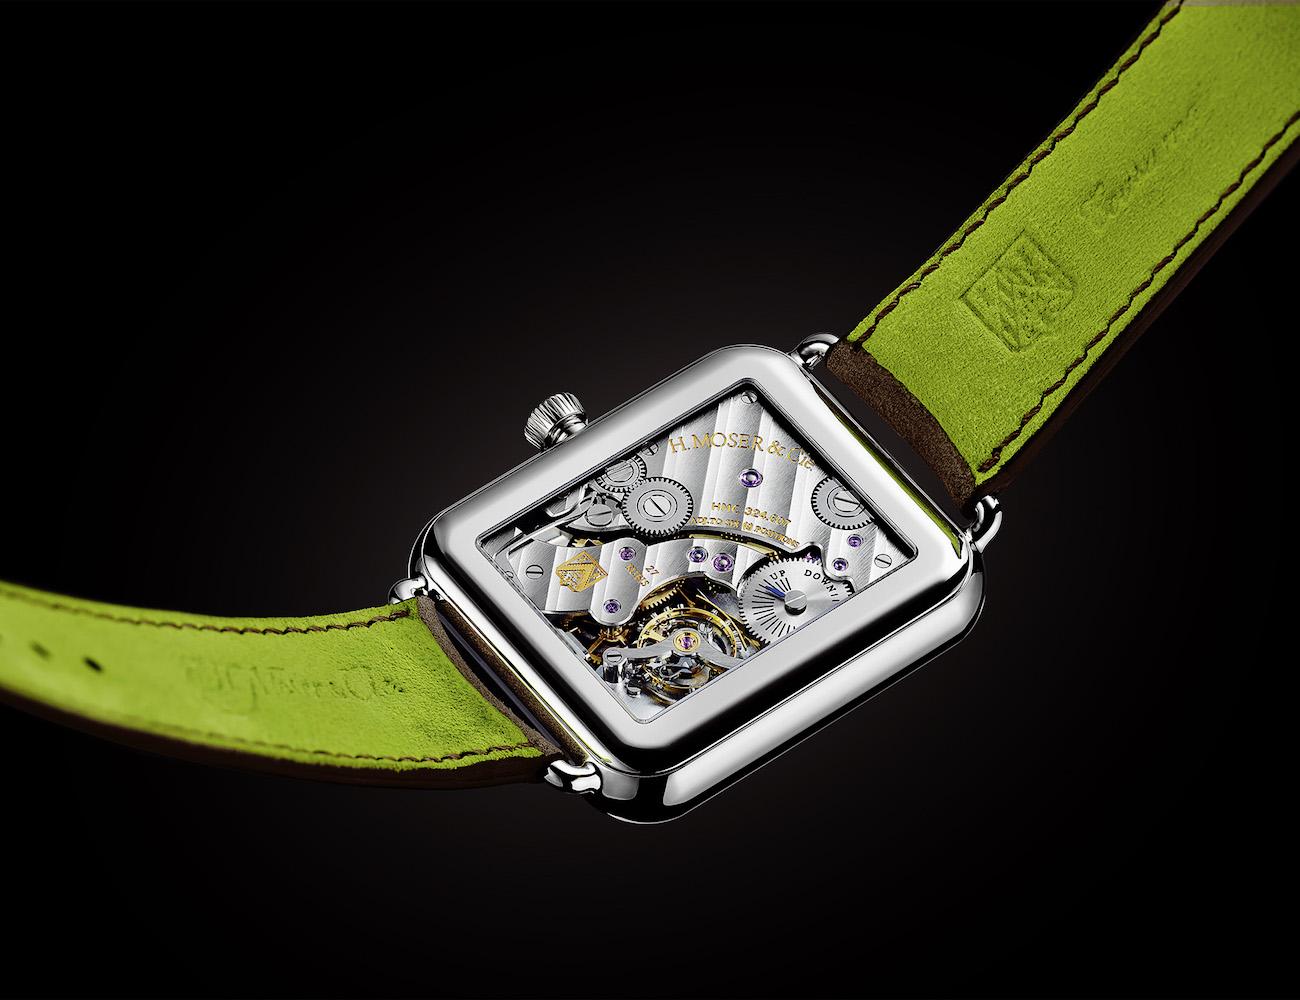 H+Moser+%26amp%3B+Cie+Swiss+Alp+Watch